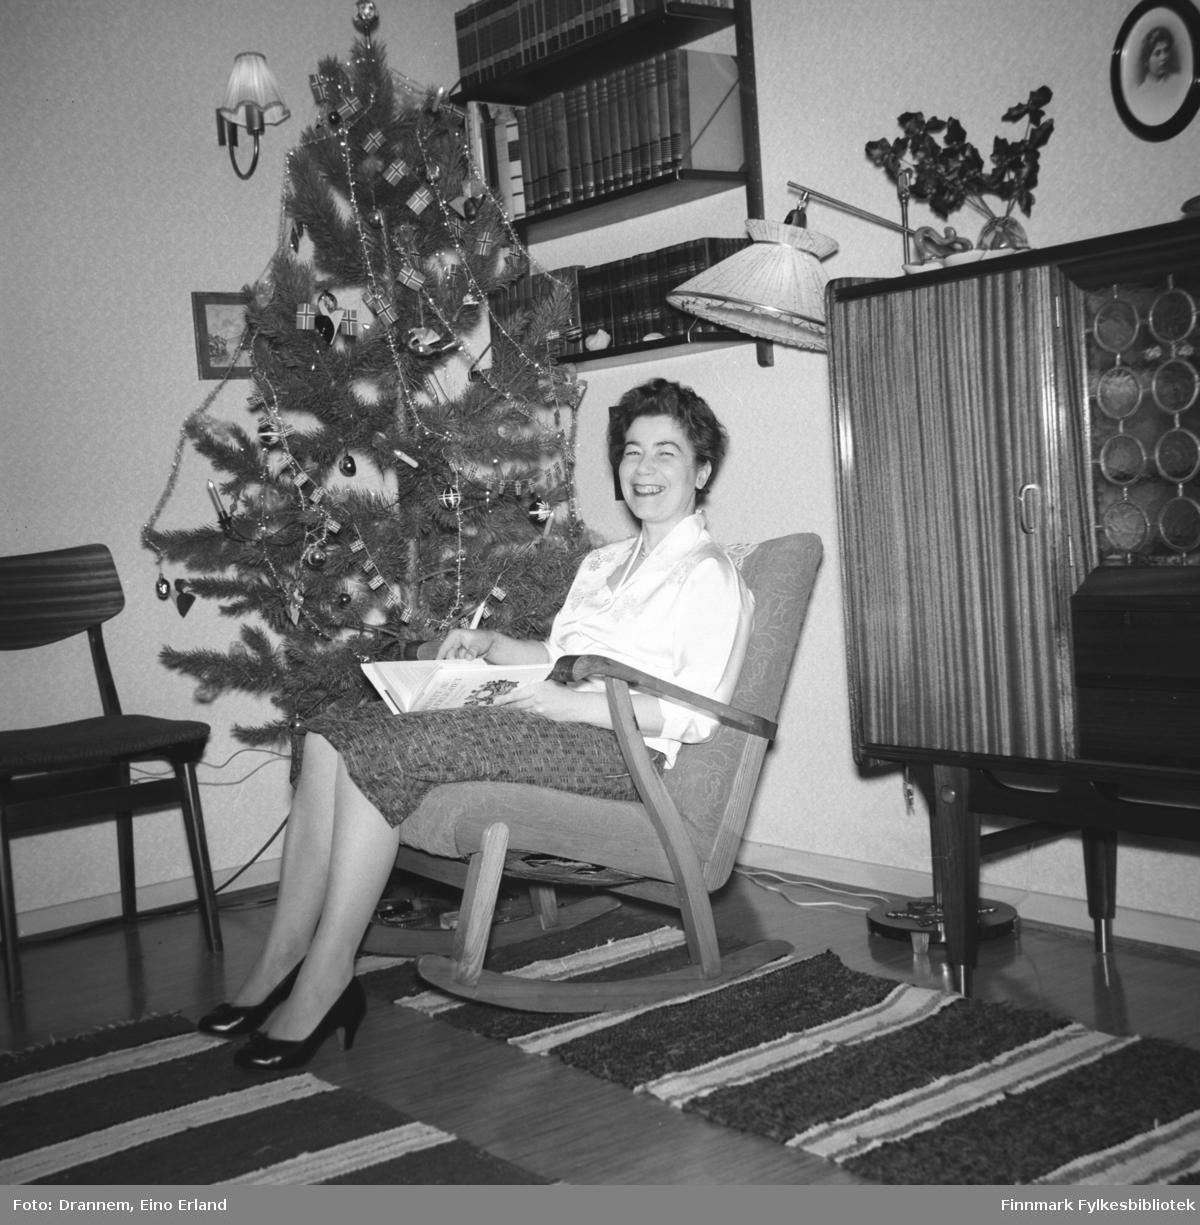 Jenny Drannem sitter i gyngestolen og leser. Det er juletid og familien Drannem har juletræ i stua